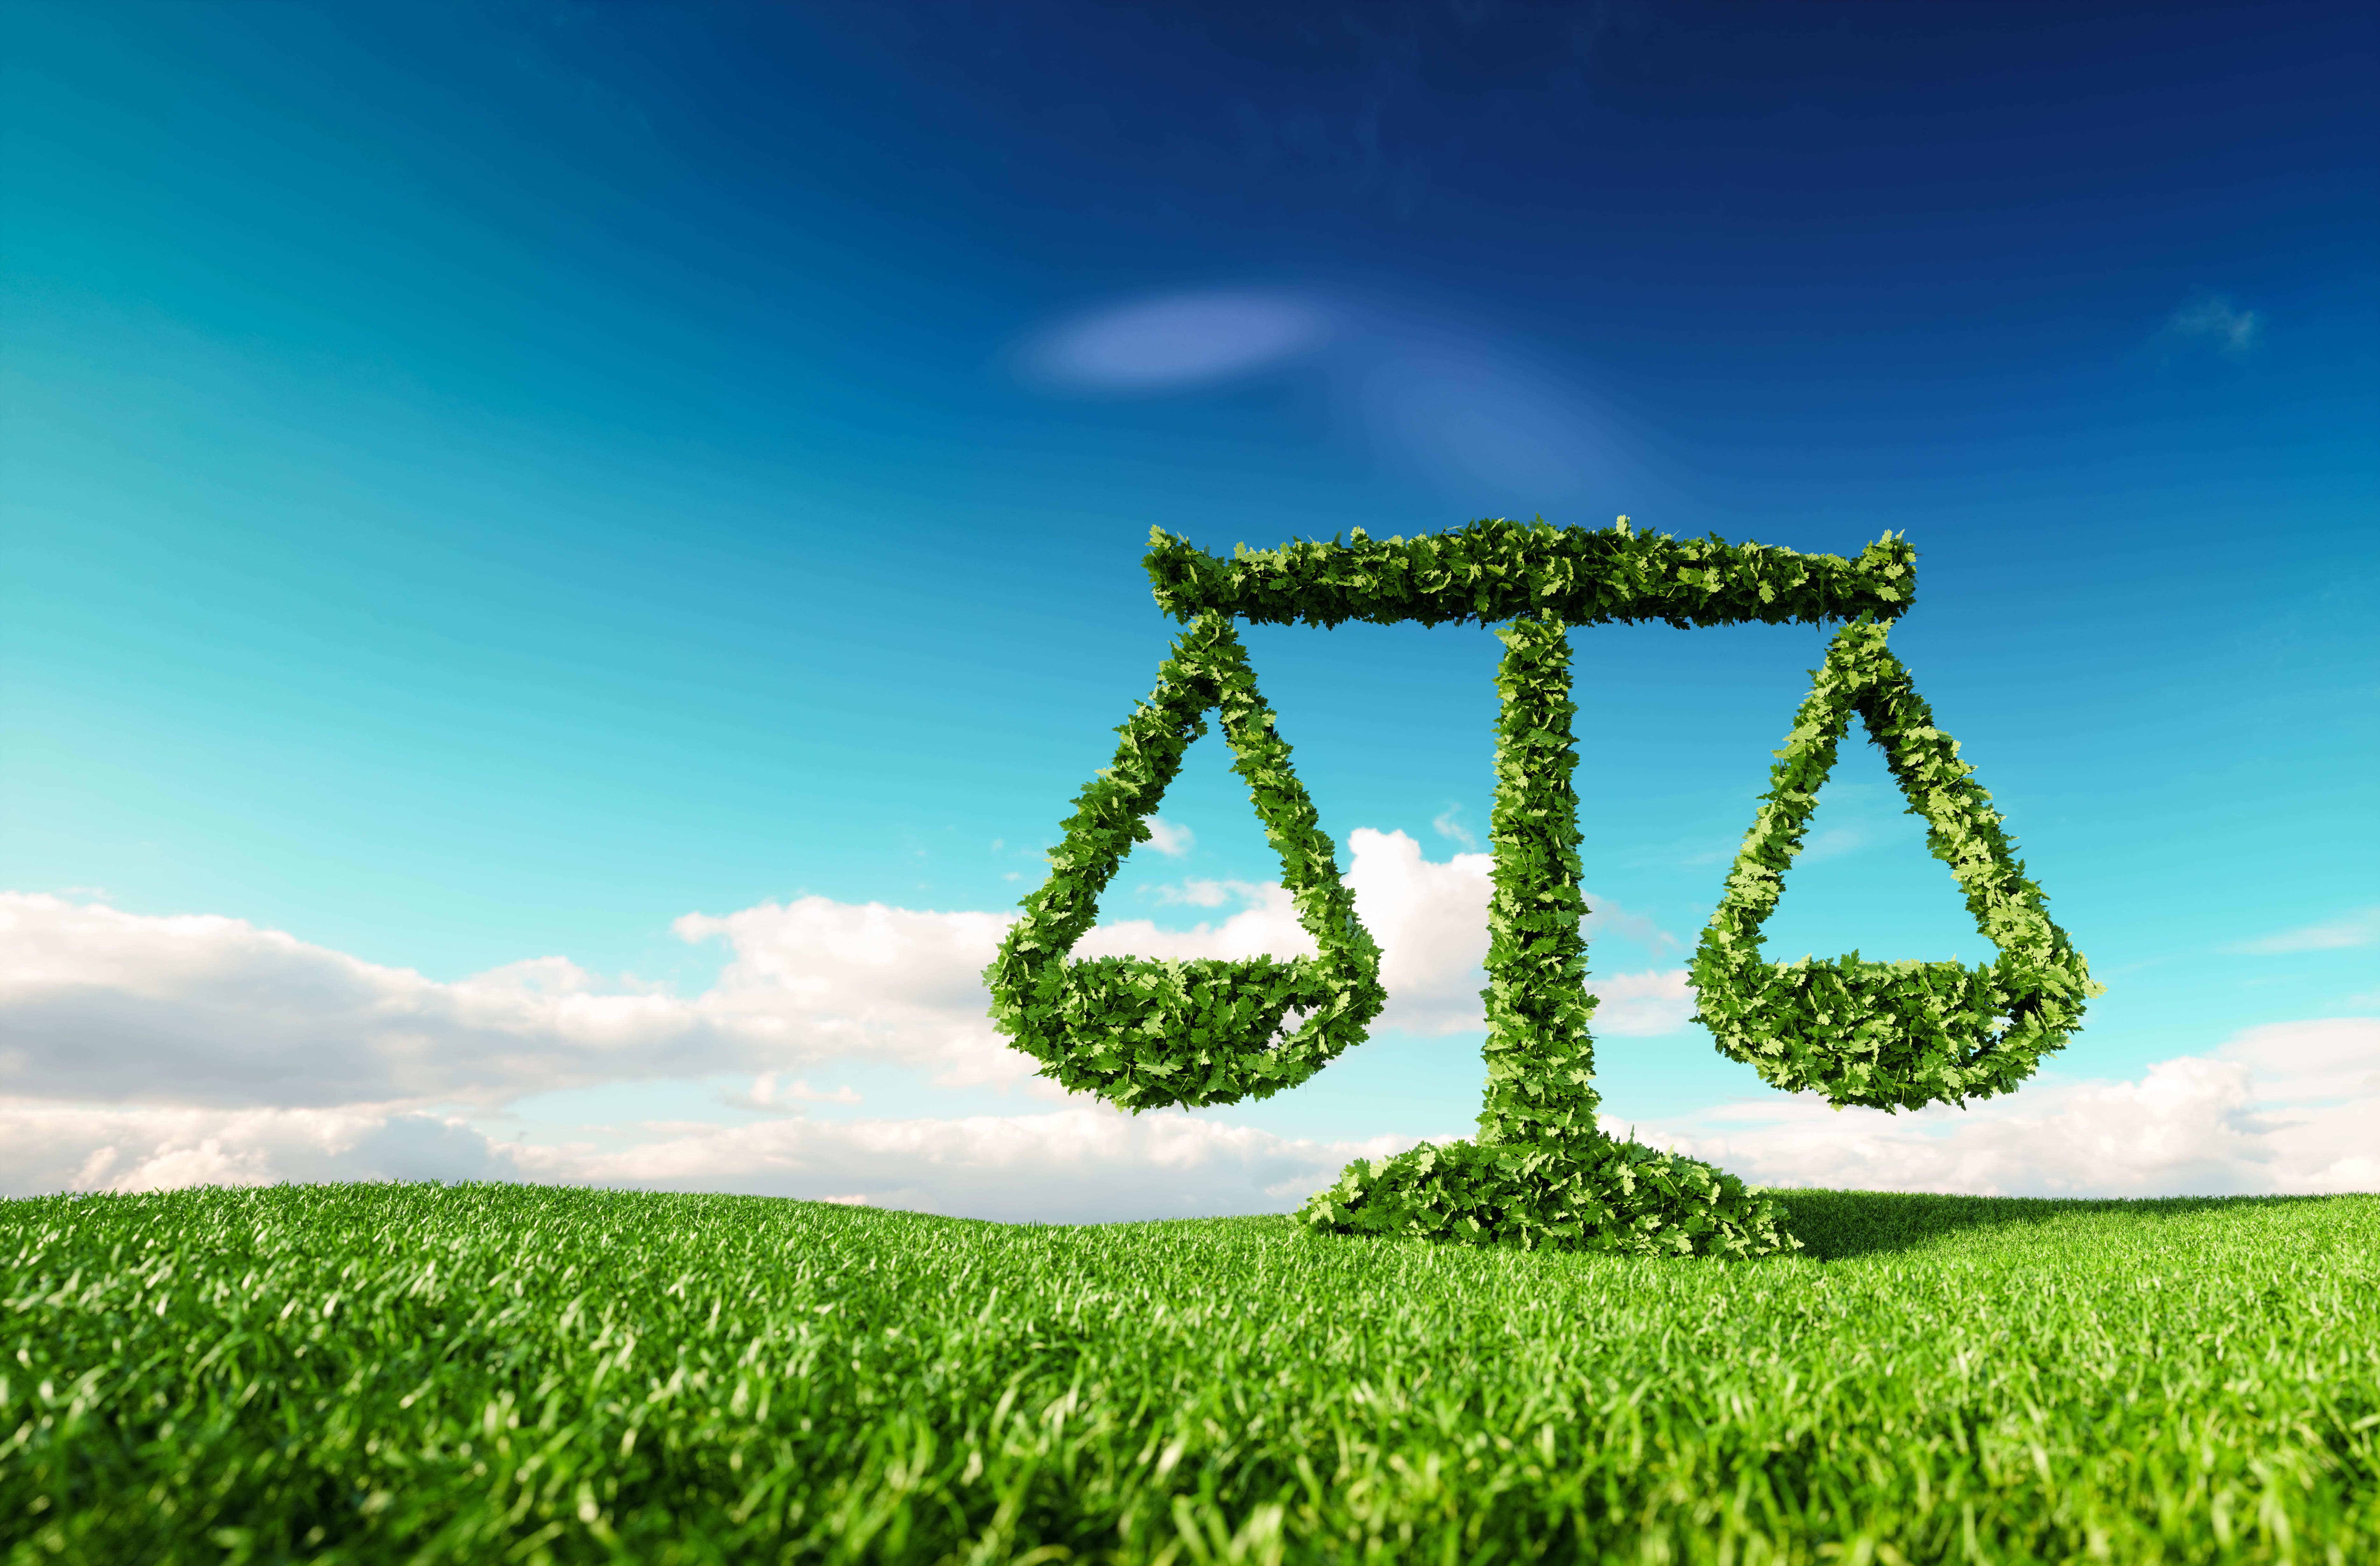 Nachhaltigkeit_4.jpg#asset:873